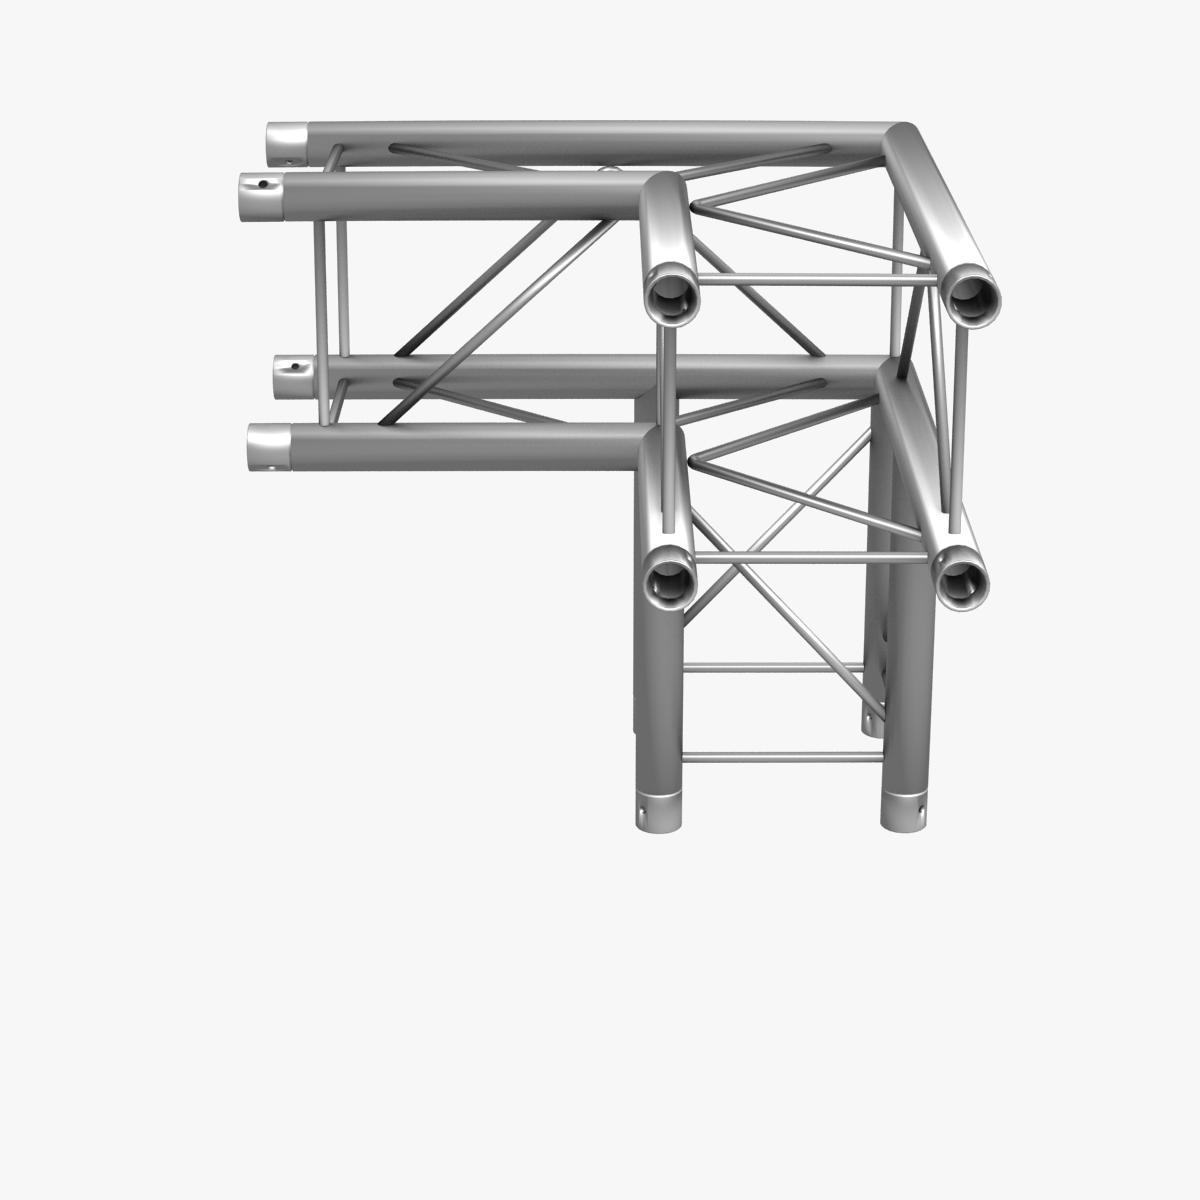 square light trusses (collection 50 modular) 3d model 3ds max dxf fbx c4d dae texture obj 216197